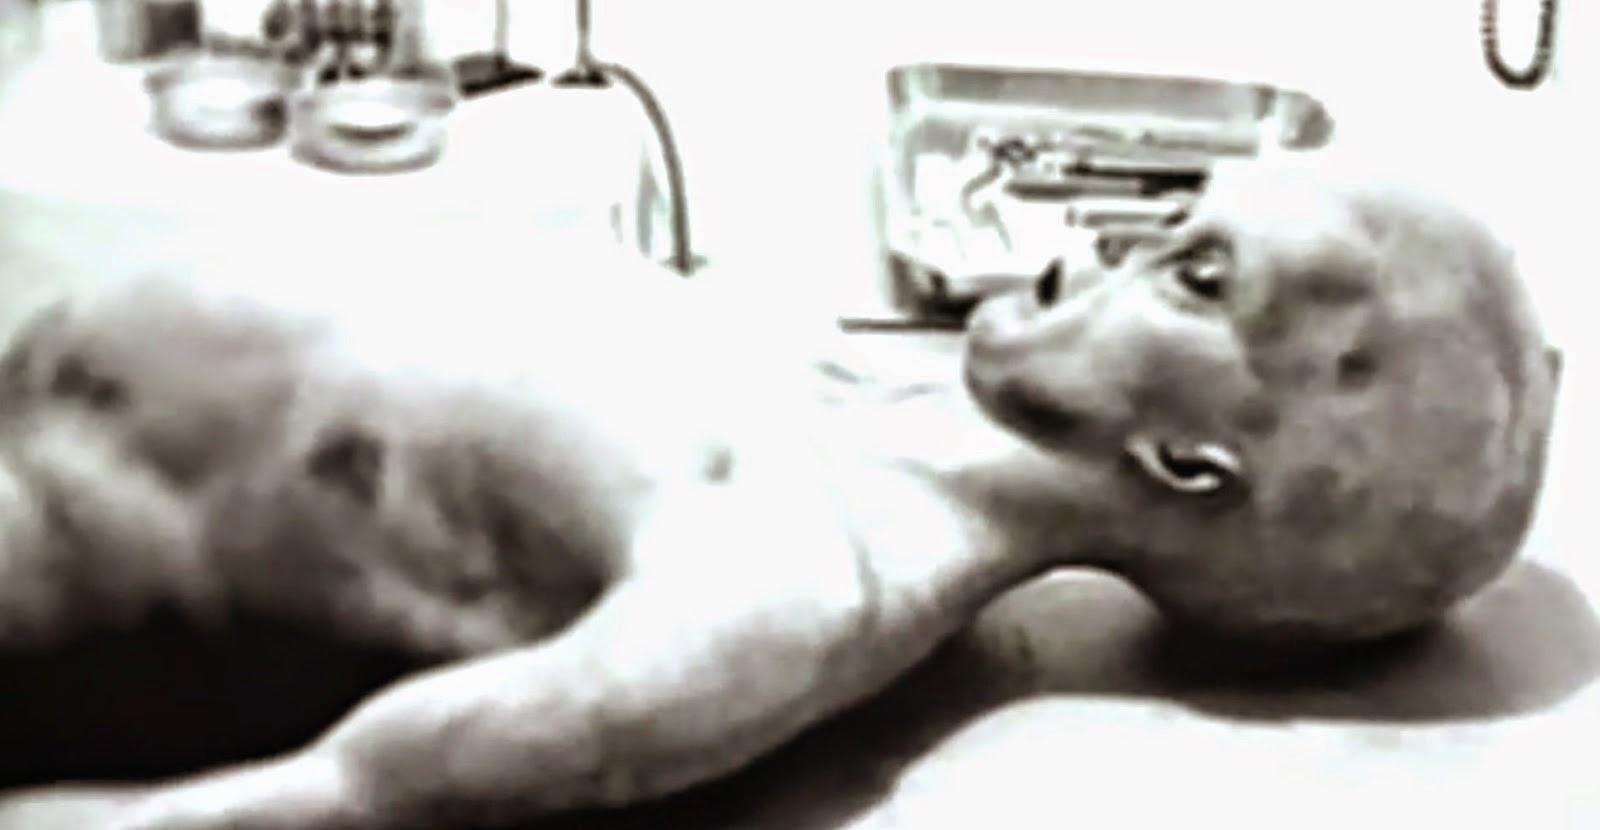 1947 Photos exotiques sont révélées aux États-Unis